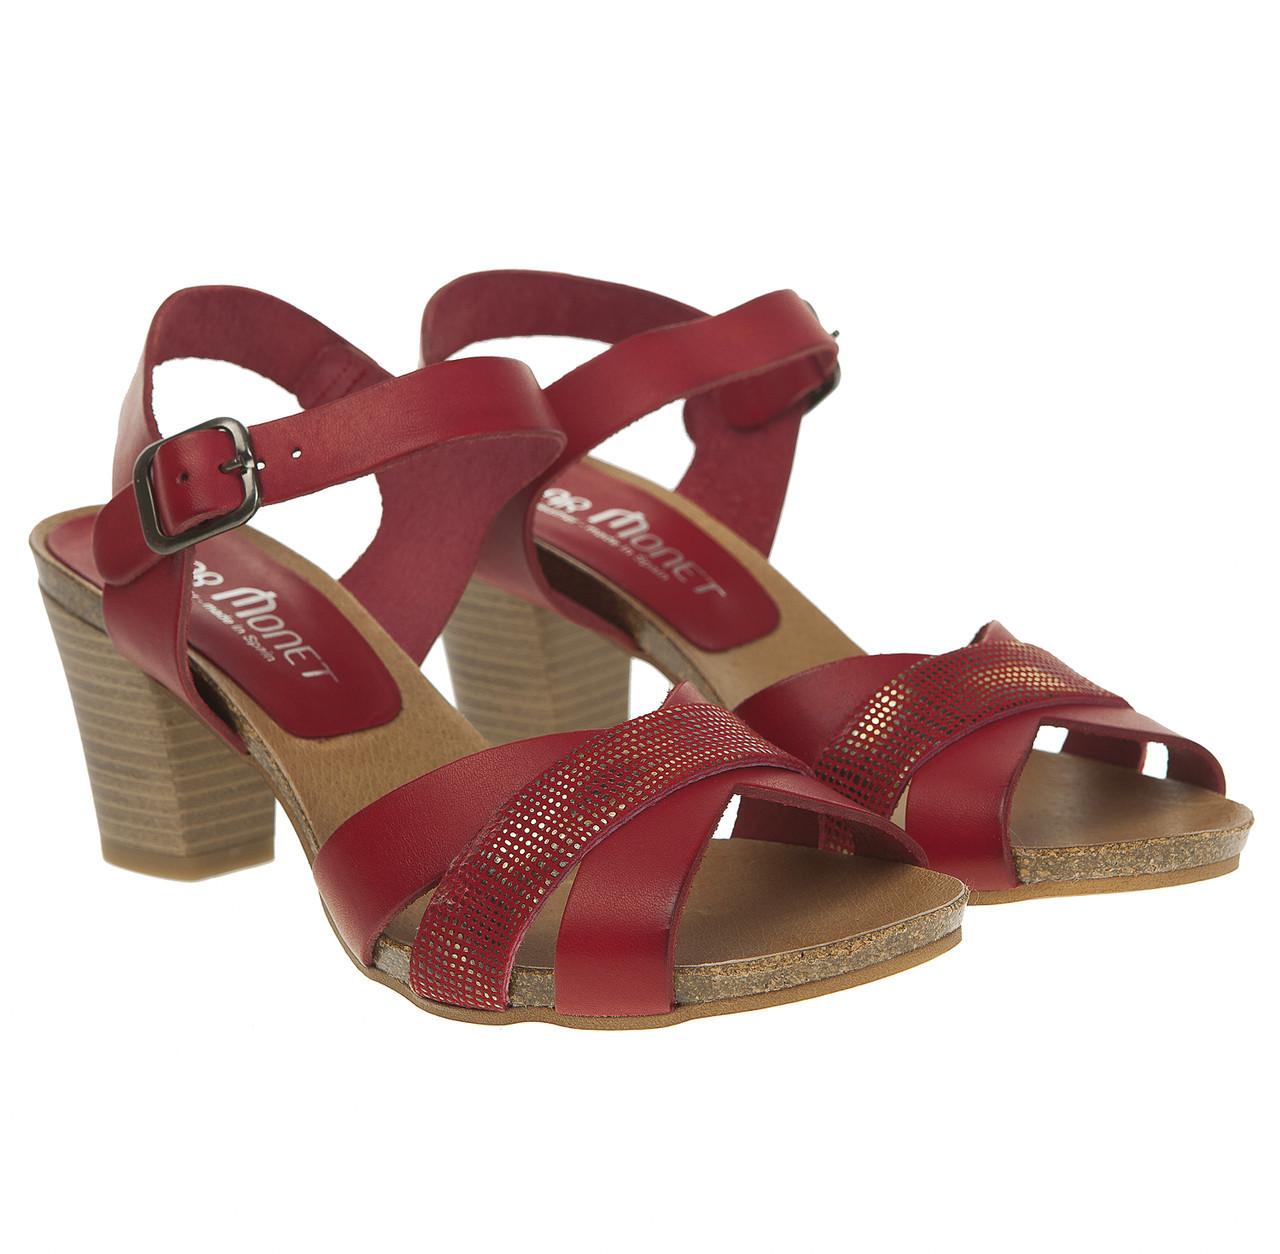 a92a1691b Босоножки женские Pilar Monet (кожаные, на каблуке, удобная застежка) -  Интернет-